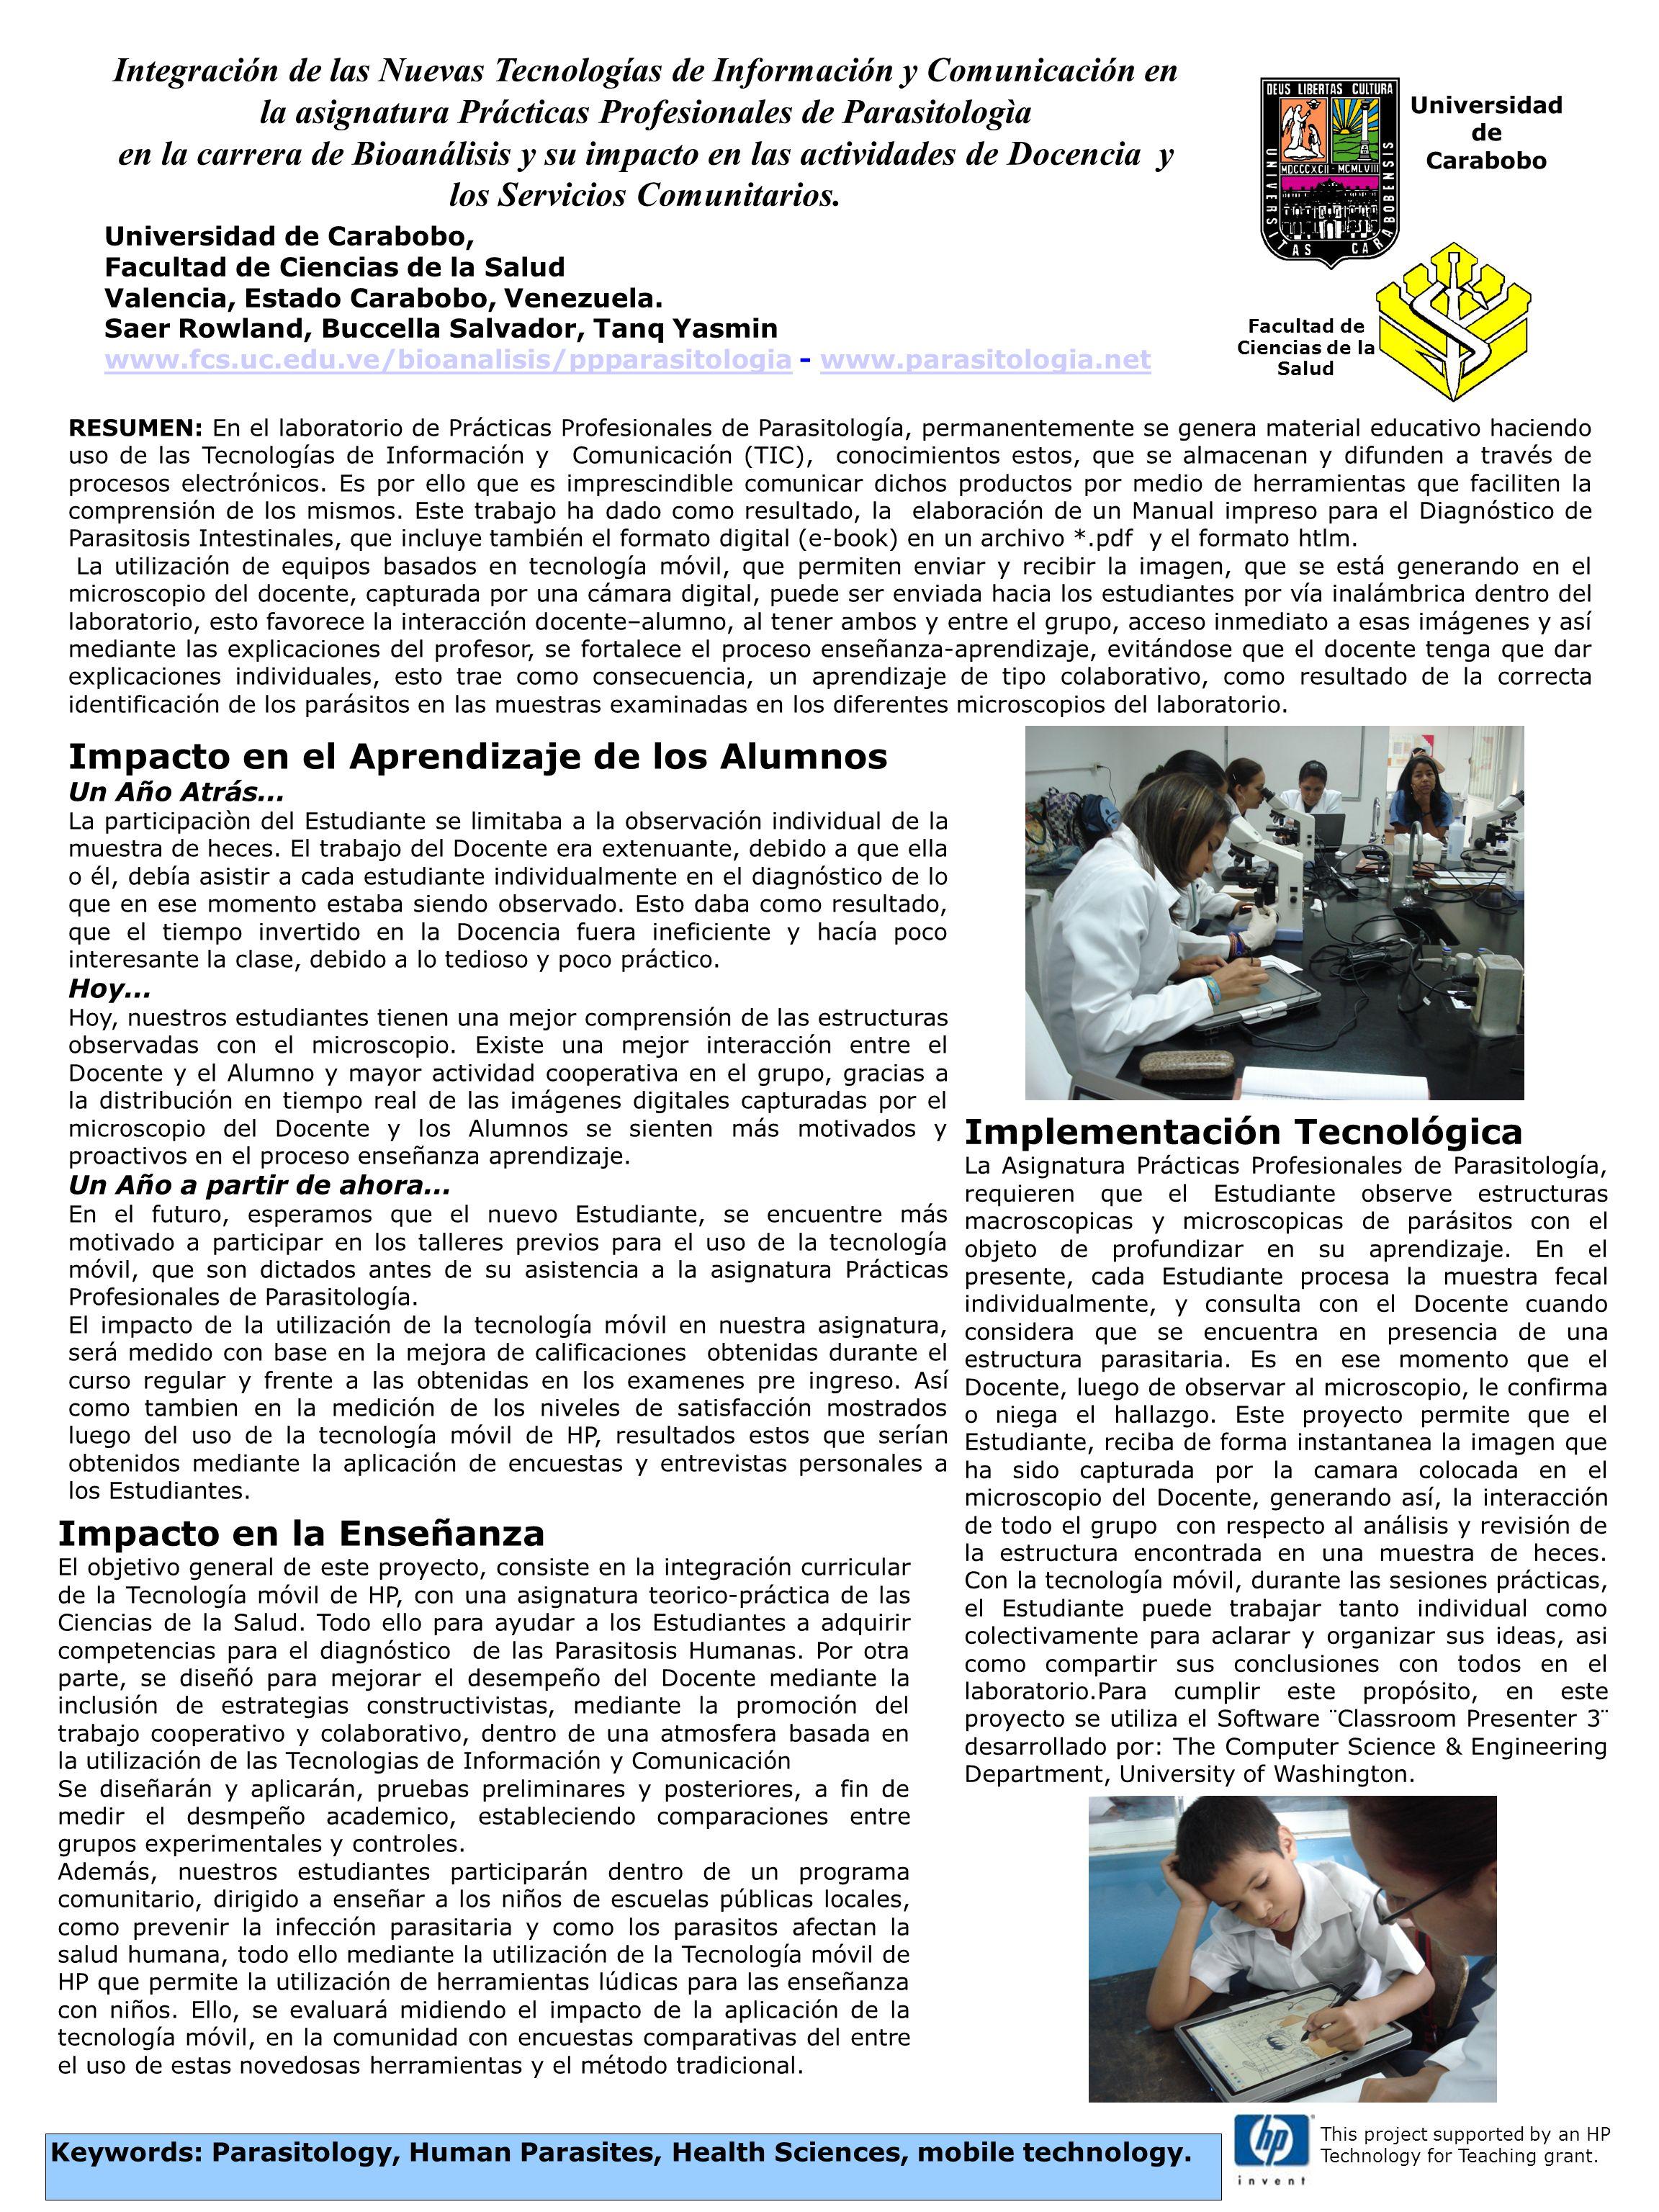 Universidad de Carabobo, Facultad de Ciencias de la Salud Valencia, Estado Carabobo, Venezuela.